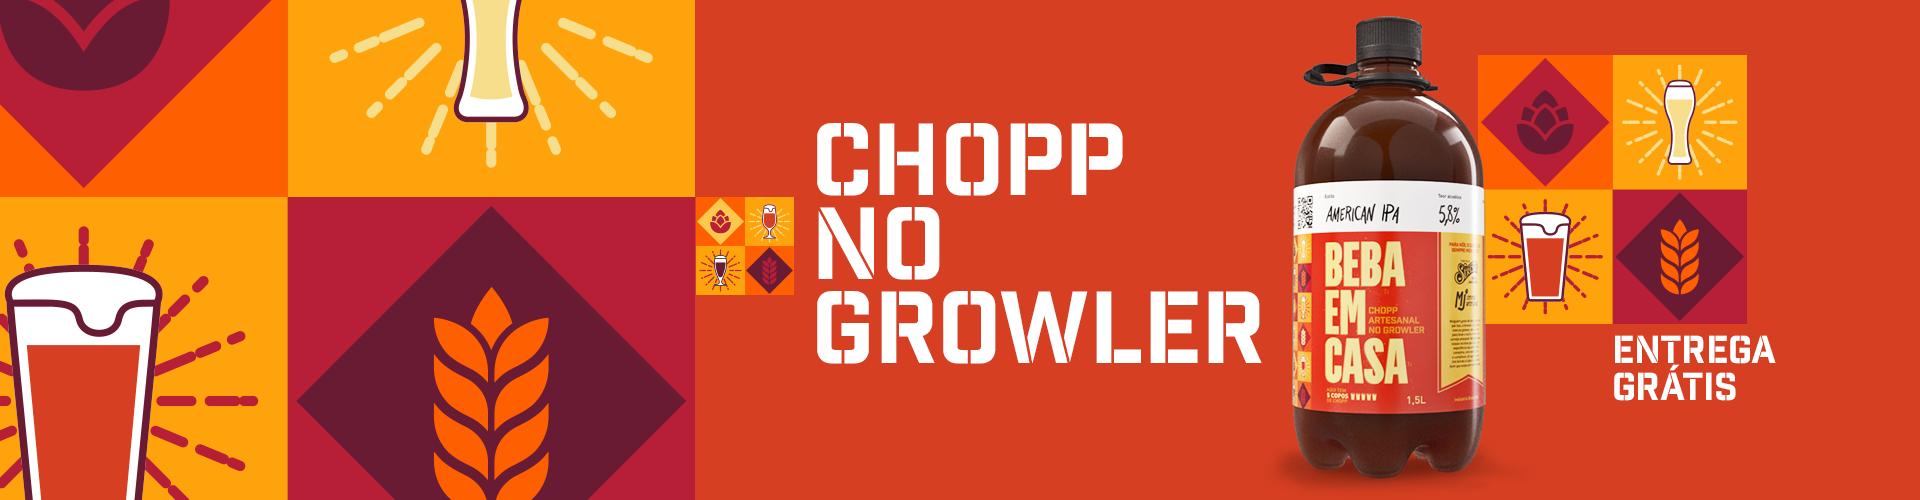 Chopp no Growler